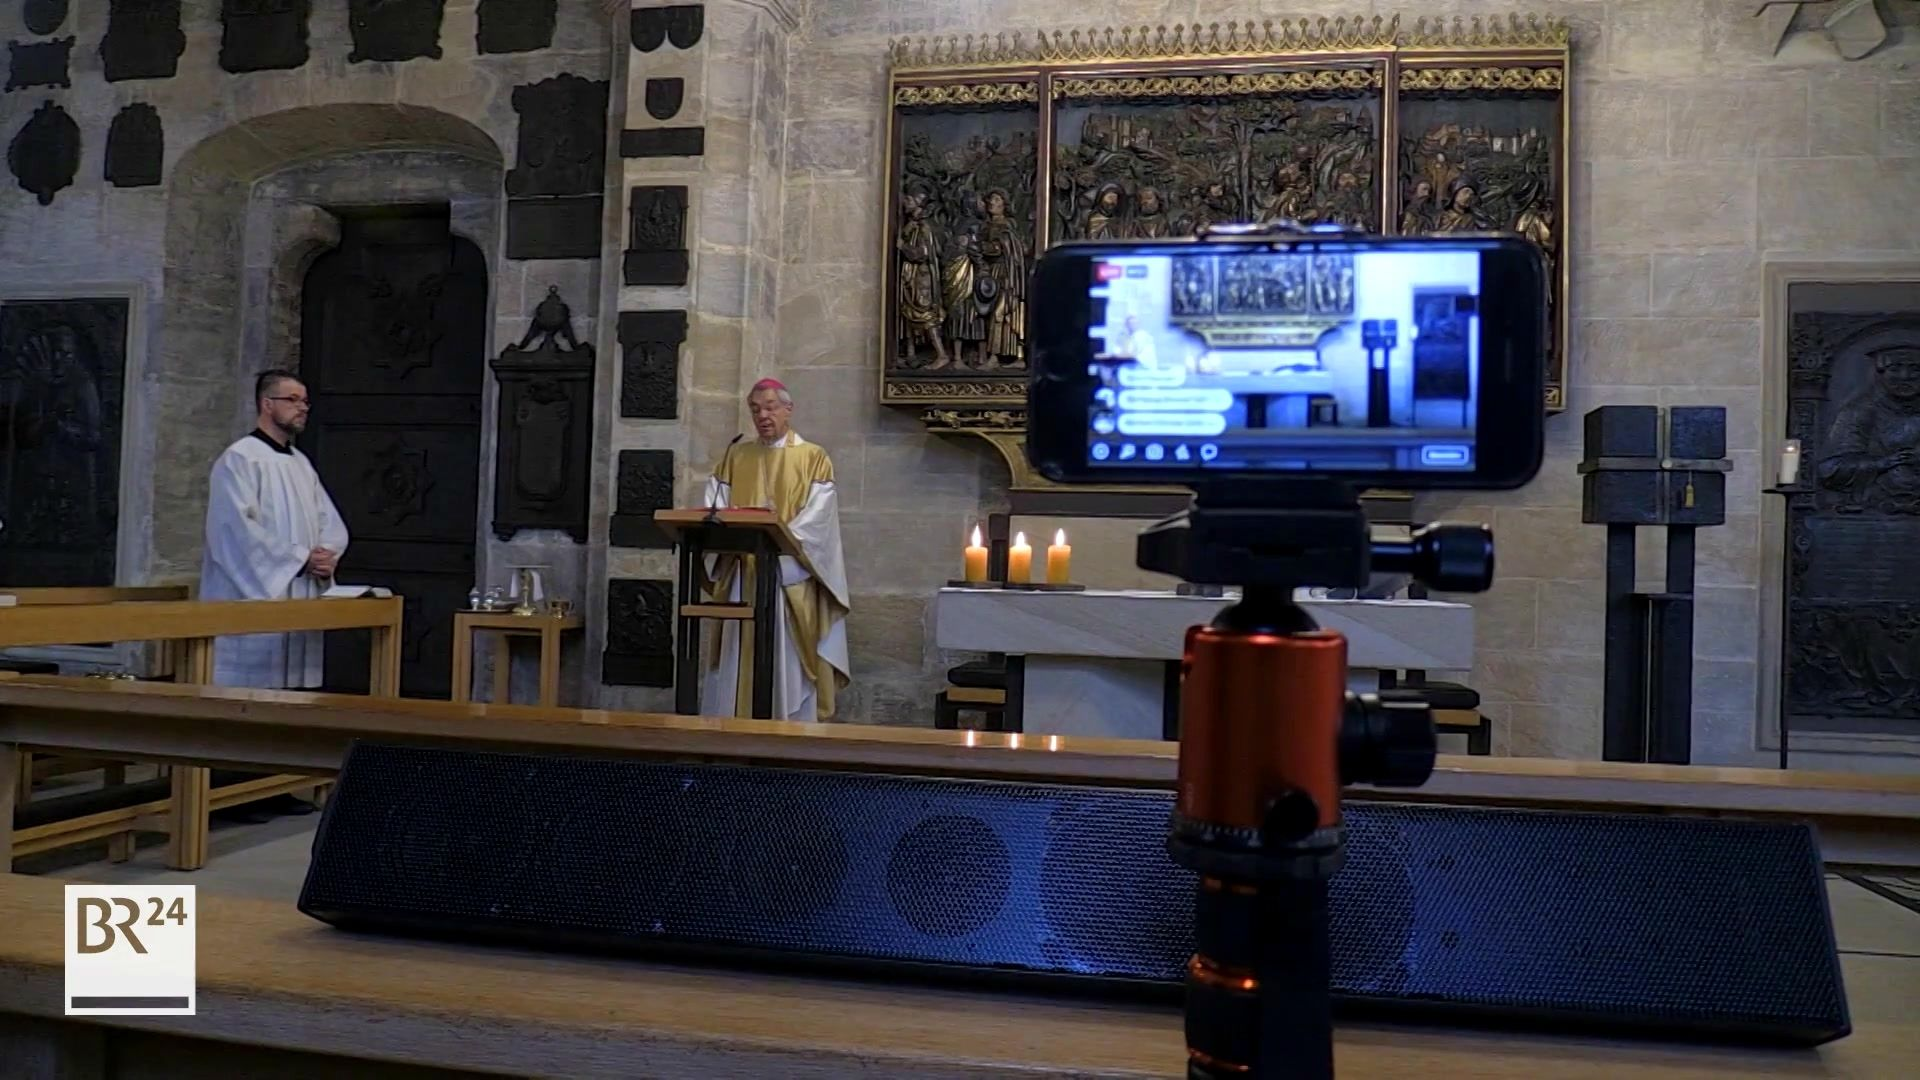 Ein Gottestdienst wird mittels eines Smartphones als BVideo aufgezeichnet.